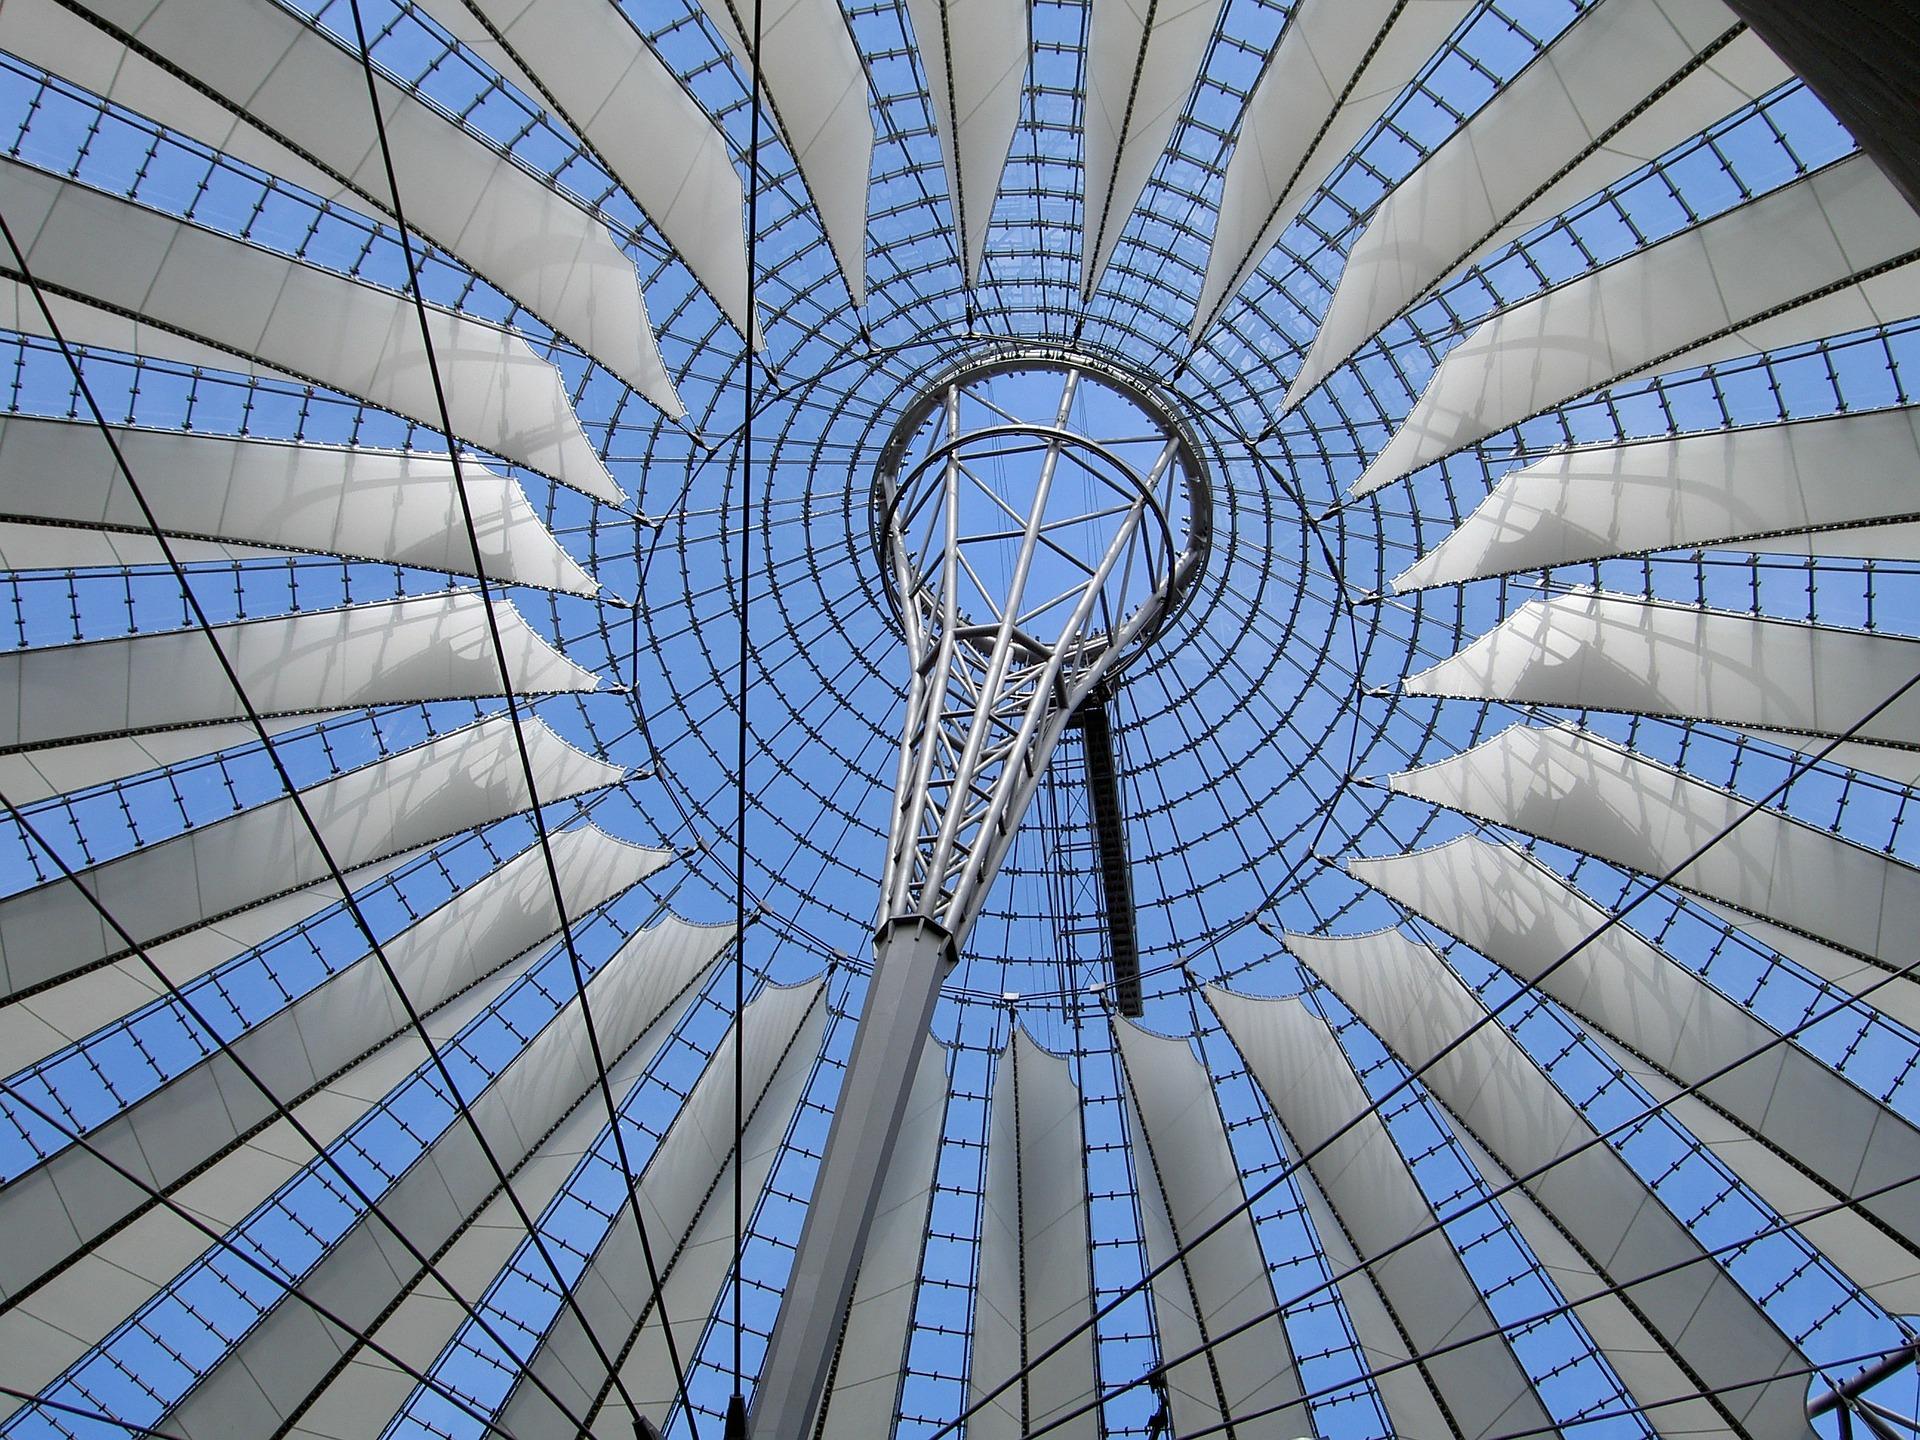 Una delle piazze più importanti e suggestive di Berlino: Potsdamer Platz